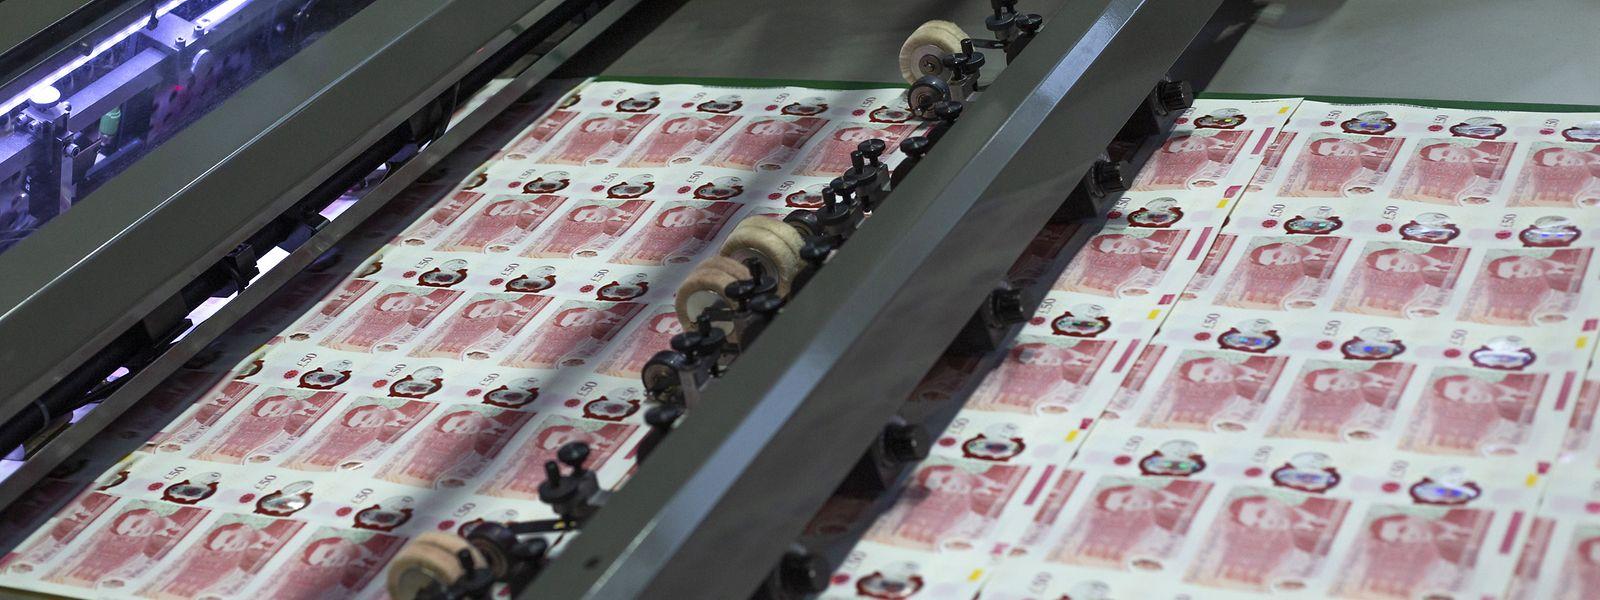 Die britische Notenbank hat am Donnerstag ihre neue 50-Pfund-Note vorgestellt.